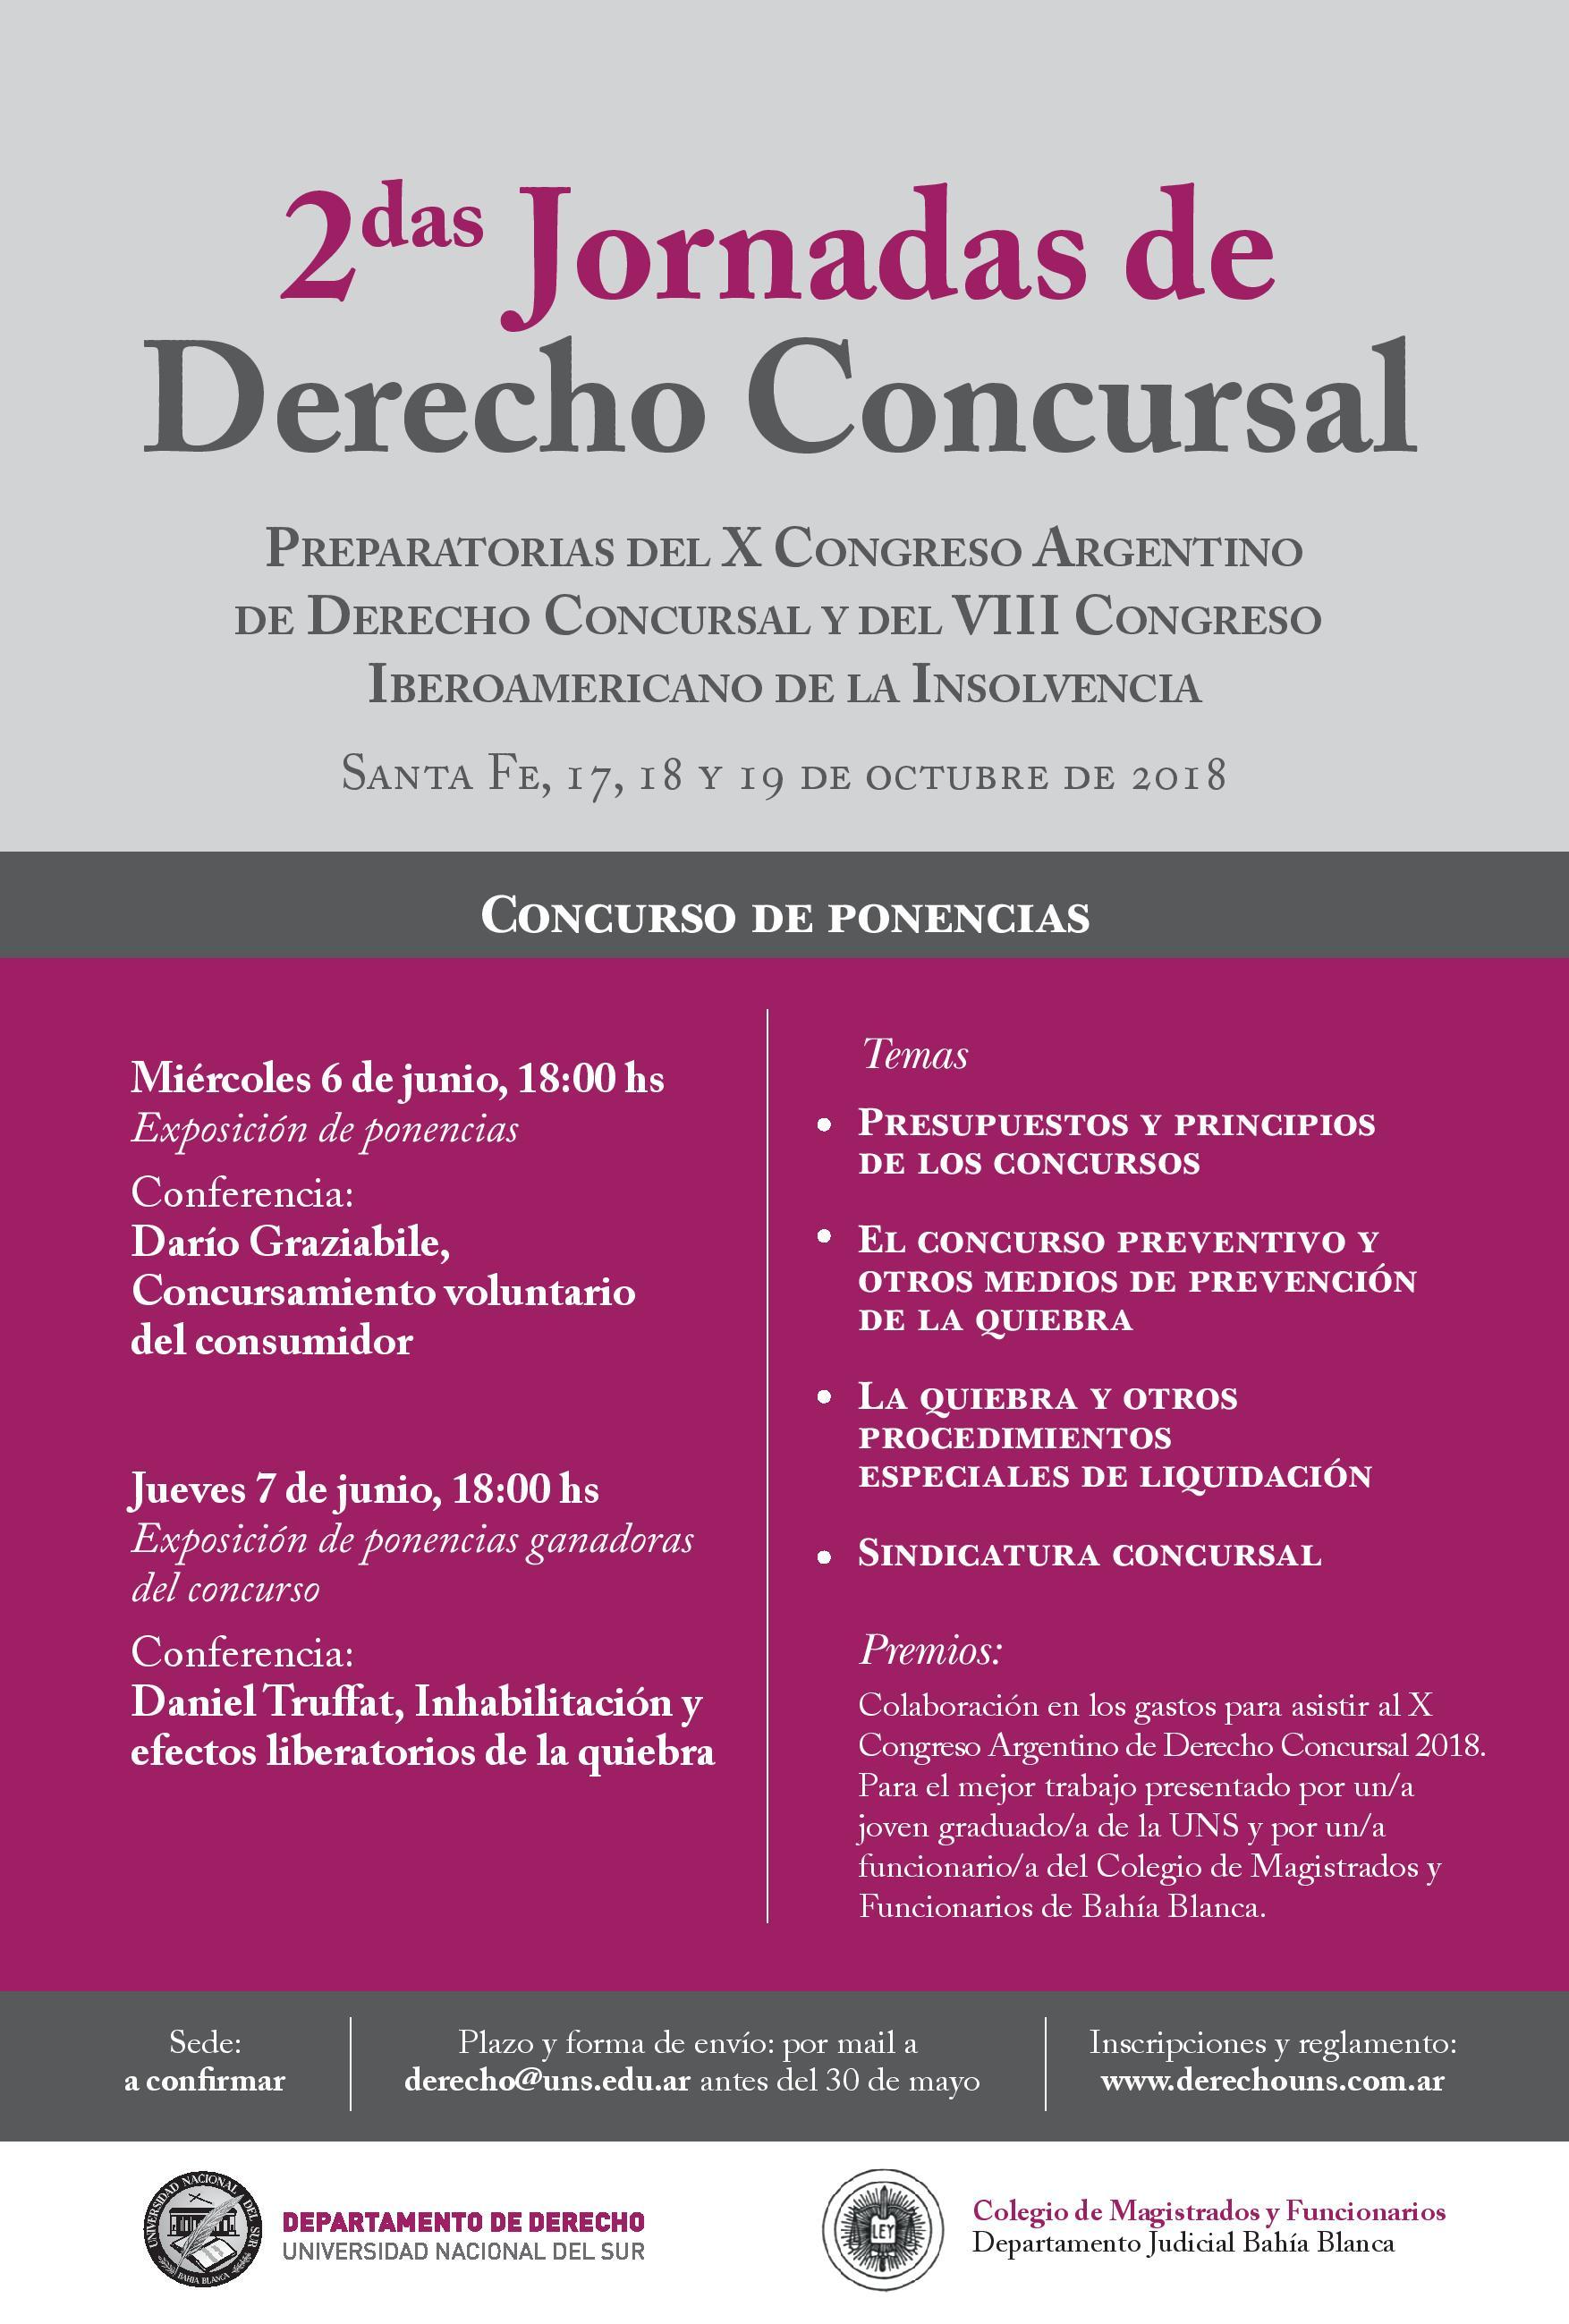 II-Jornadas-Derecho-Concursal-2018